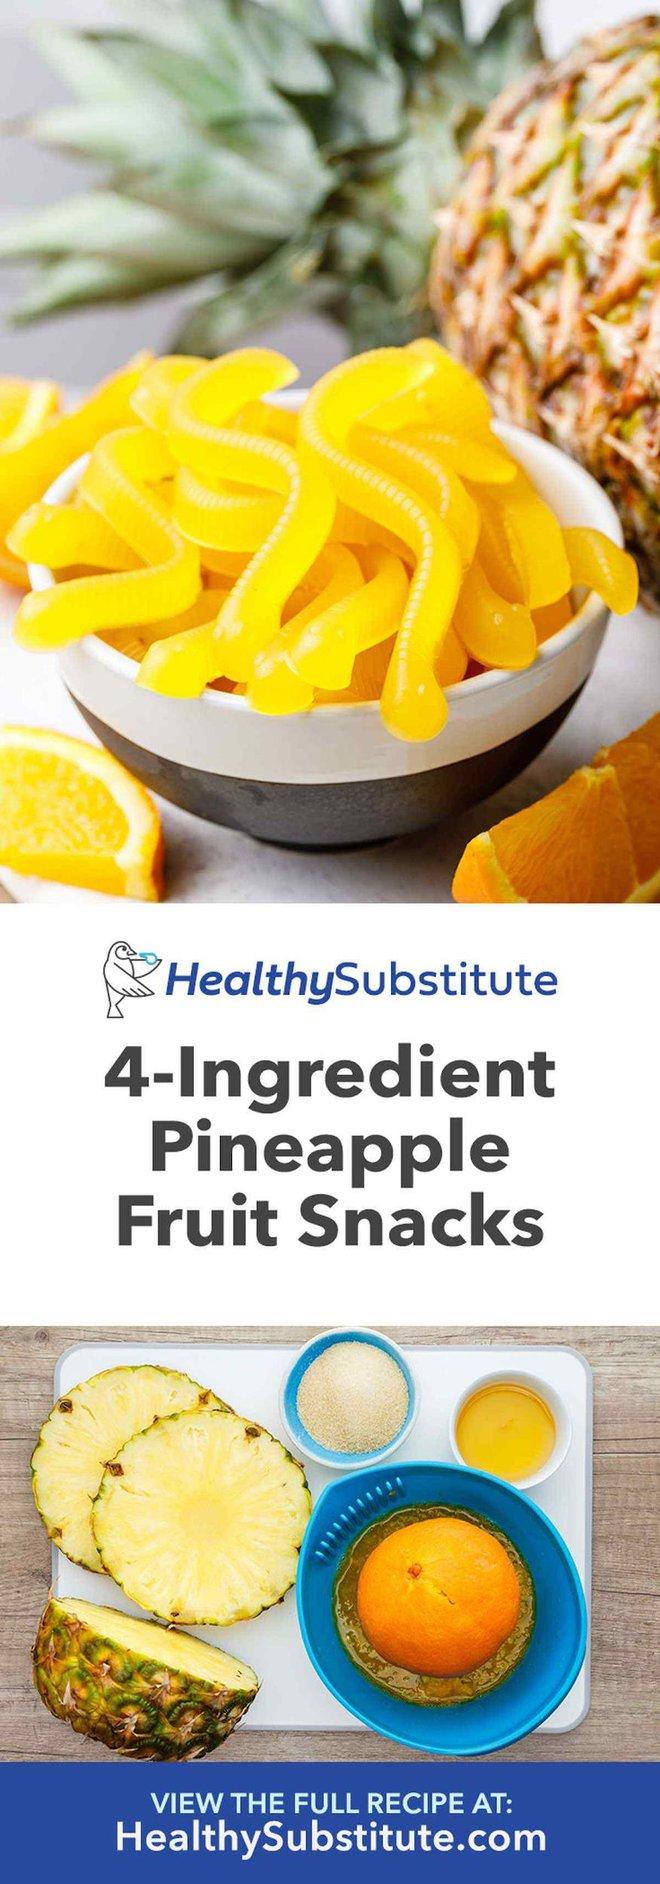 Được quảng cáo làm từ hoa quả thật, vô hại: Chuyên gia dinh dưỡng kêu gọi ngừng lừa dối về loại đồ ăn này - Ảnh 8.